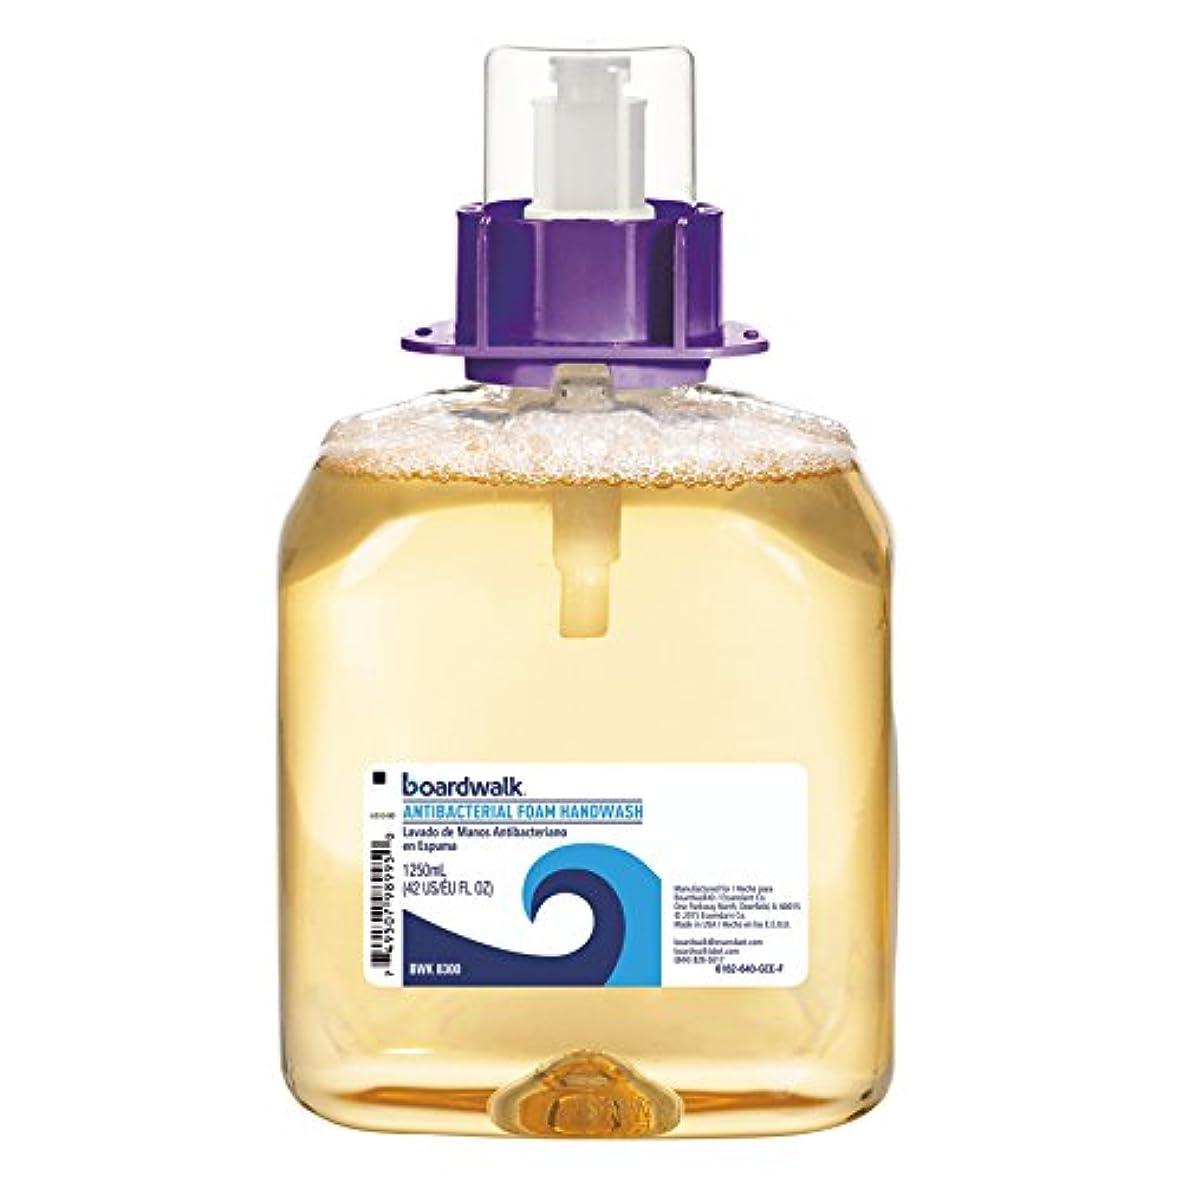 コンピューターゲームをプレイする妖精宅配便Foam Antibacterial Handwash, Sweet Pea, 1250ml Refill, 4 per Carton (並行輸入品)